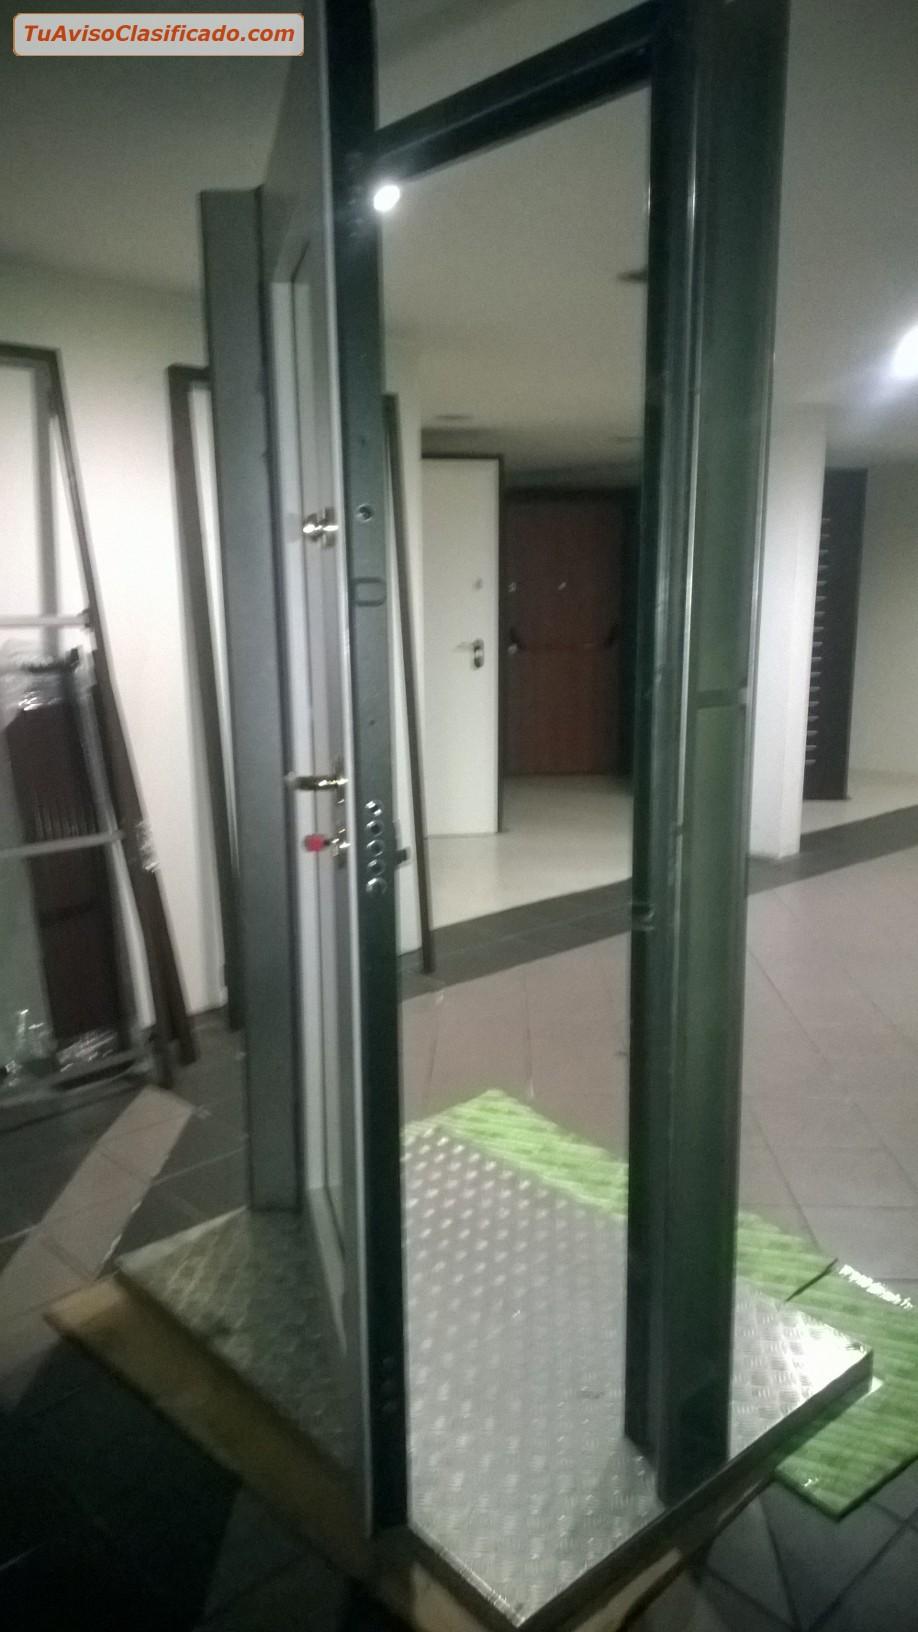 Puertas Blindadas Precios Corte Ingles Escudos De Seguridad Para  ~ Puertas Acorazadas El Corte Ingles